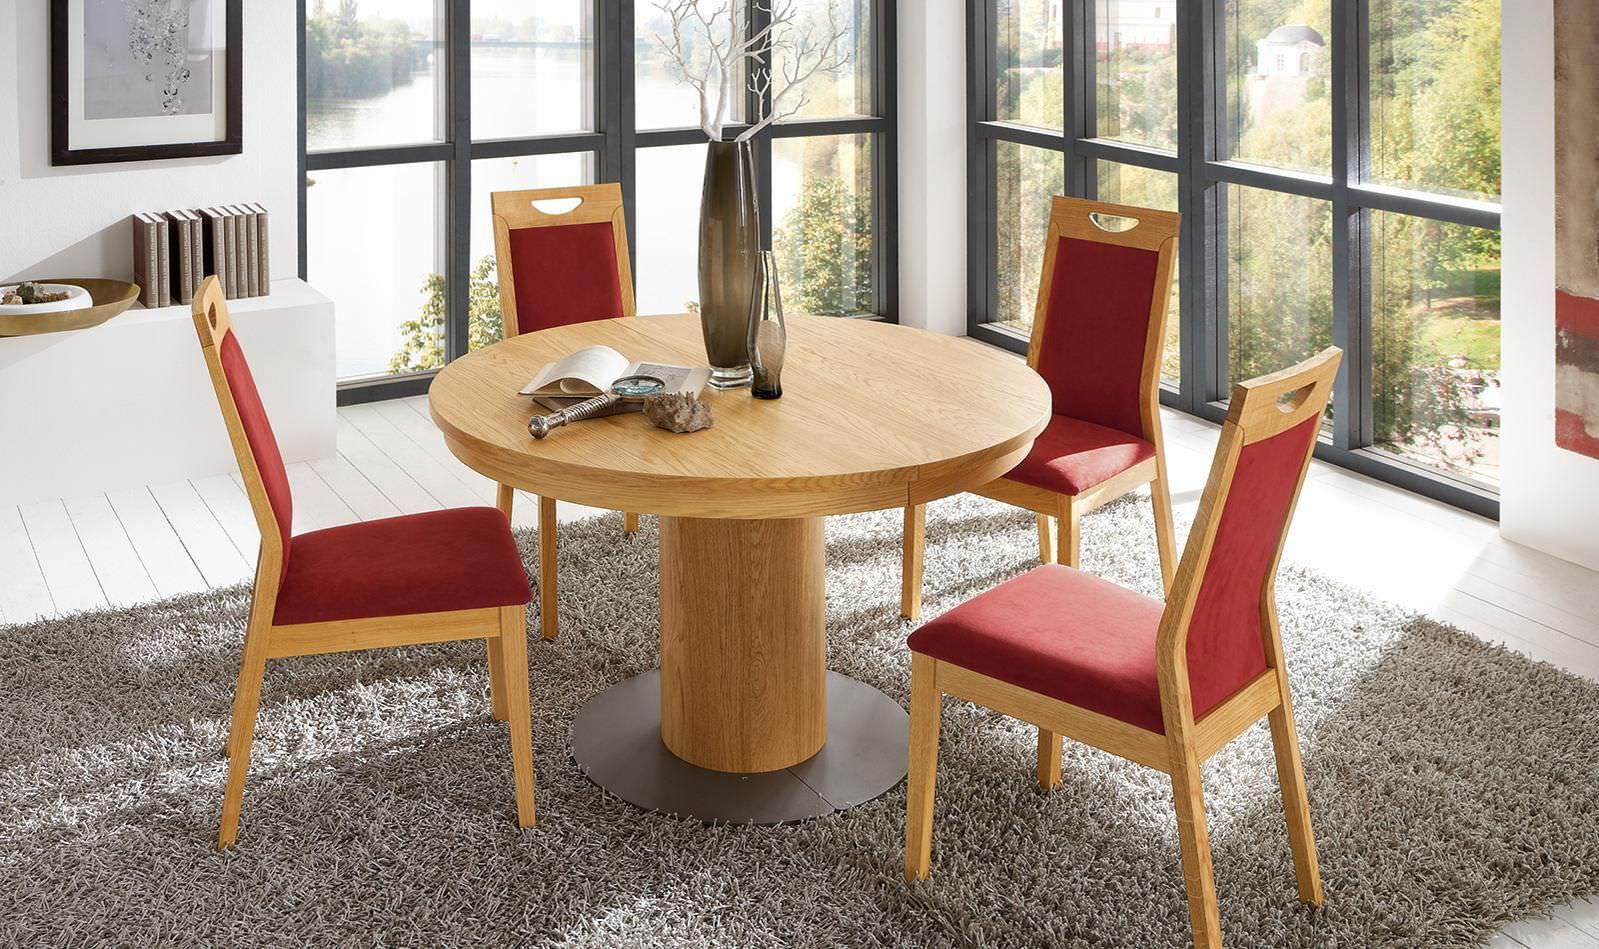 96380 8080415 29 Impressionnant Table A Manger Ronde En Bois Sjd8